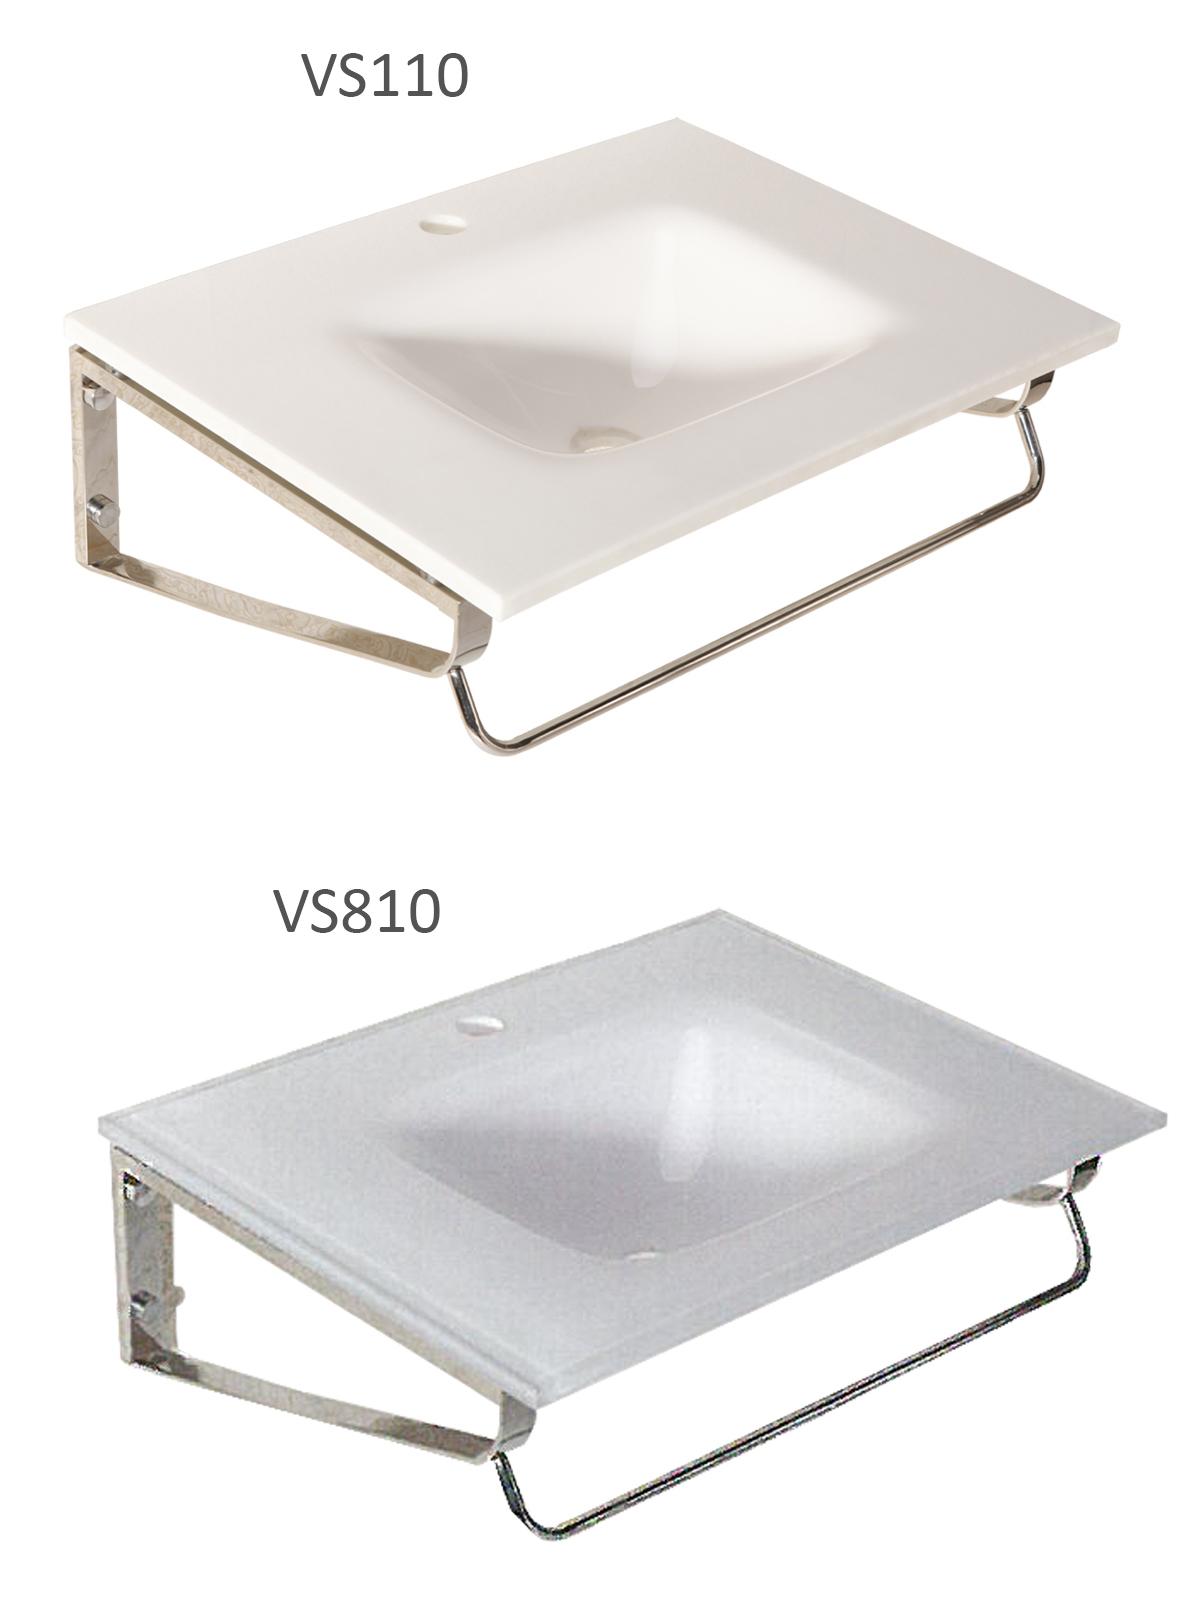 VS110-VS810 Image